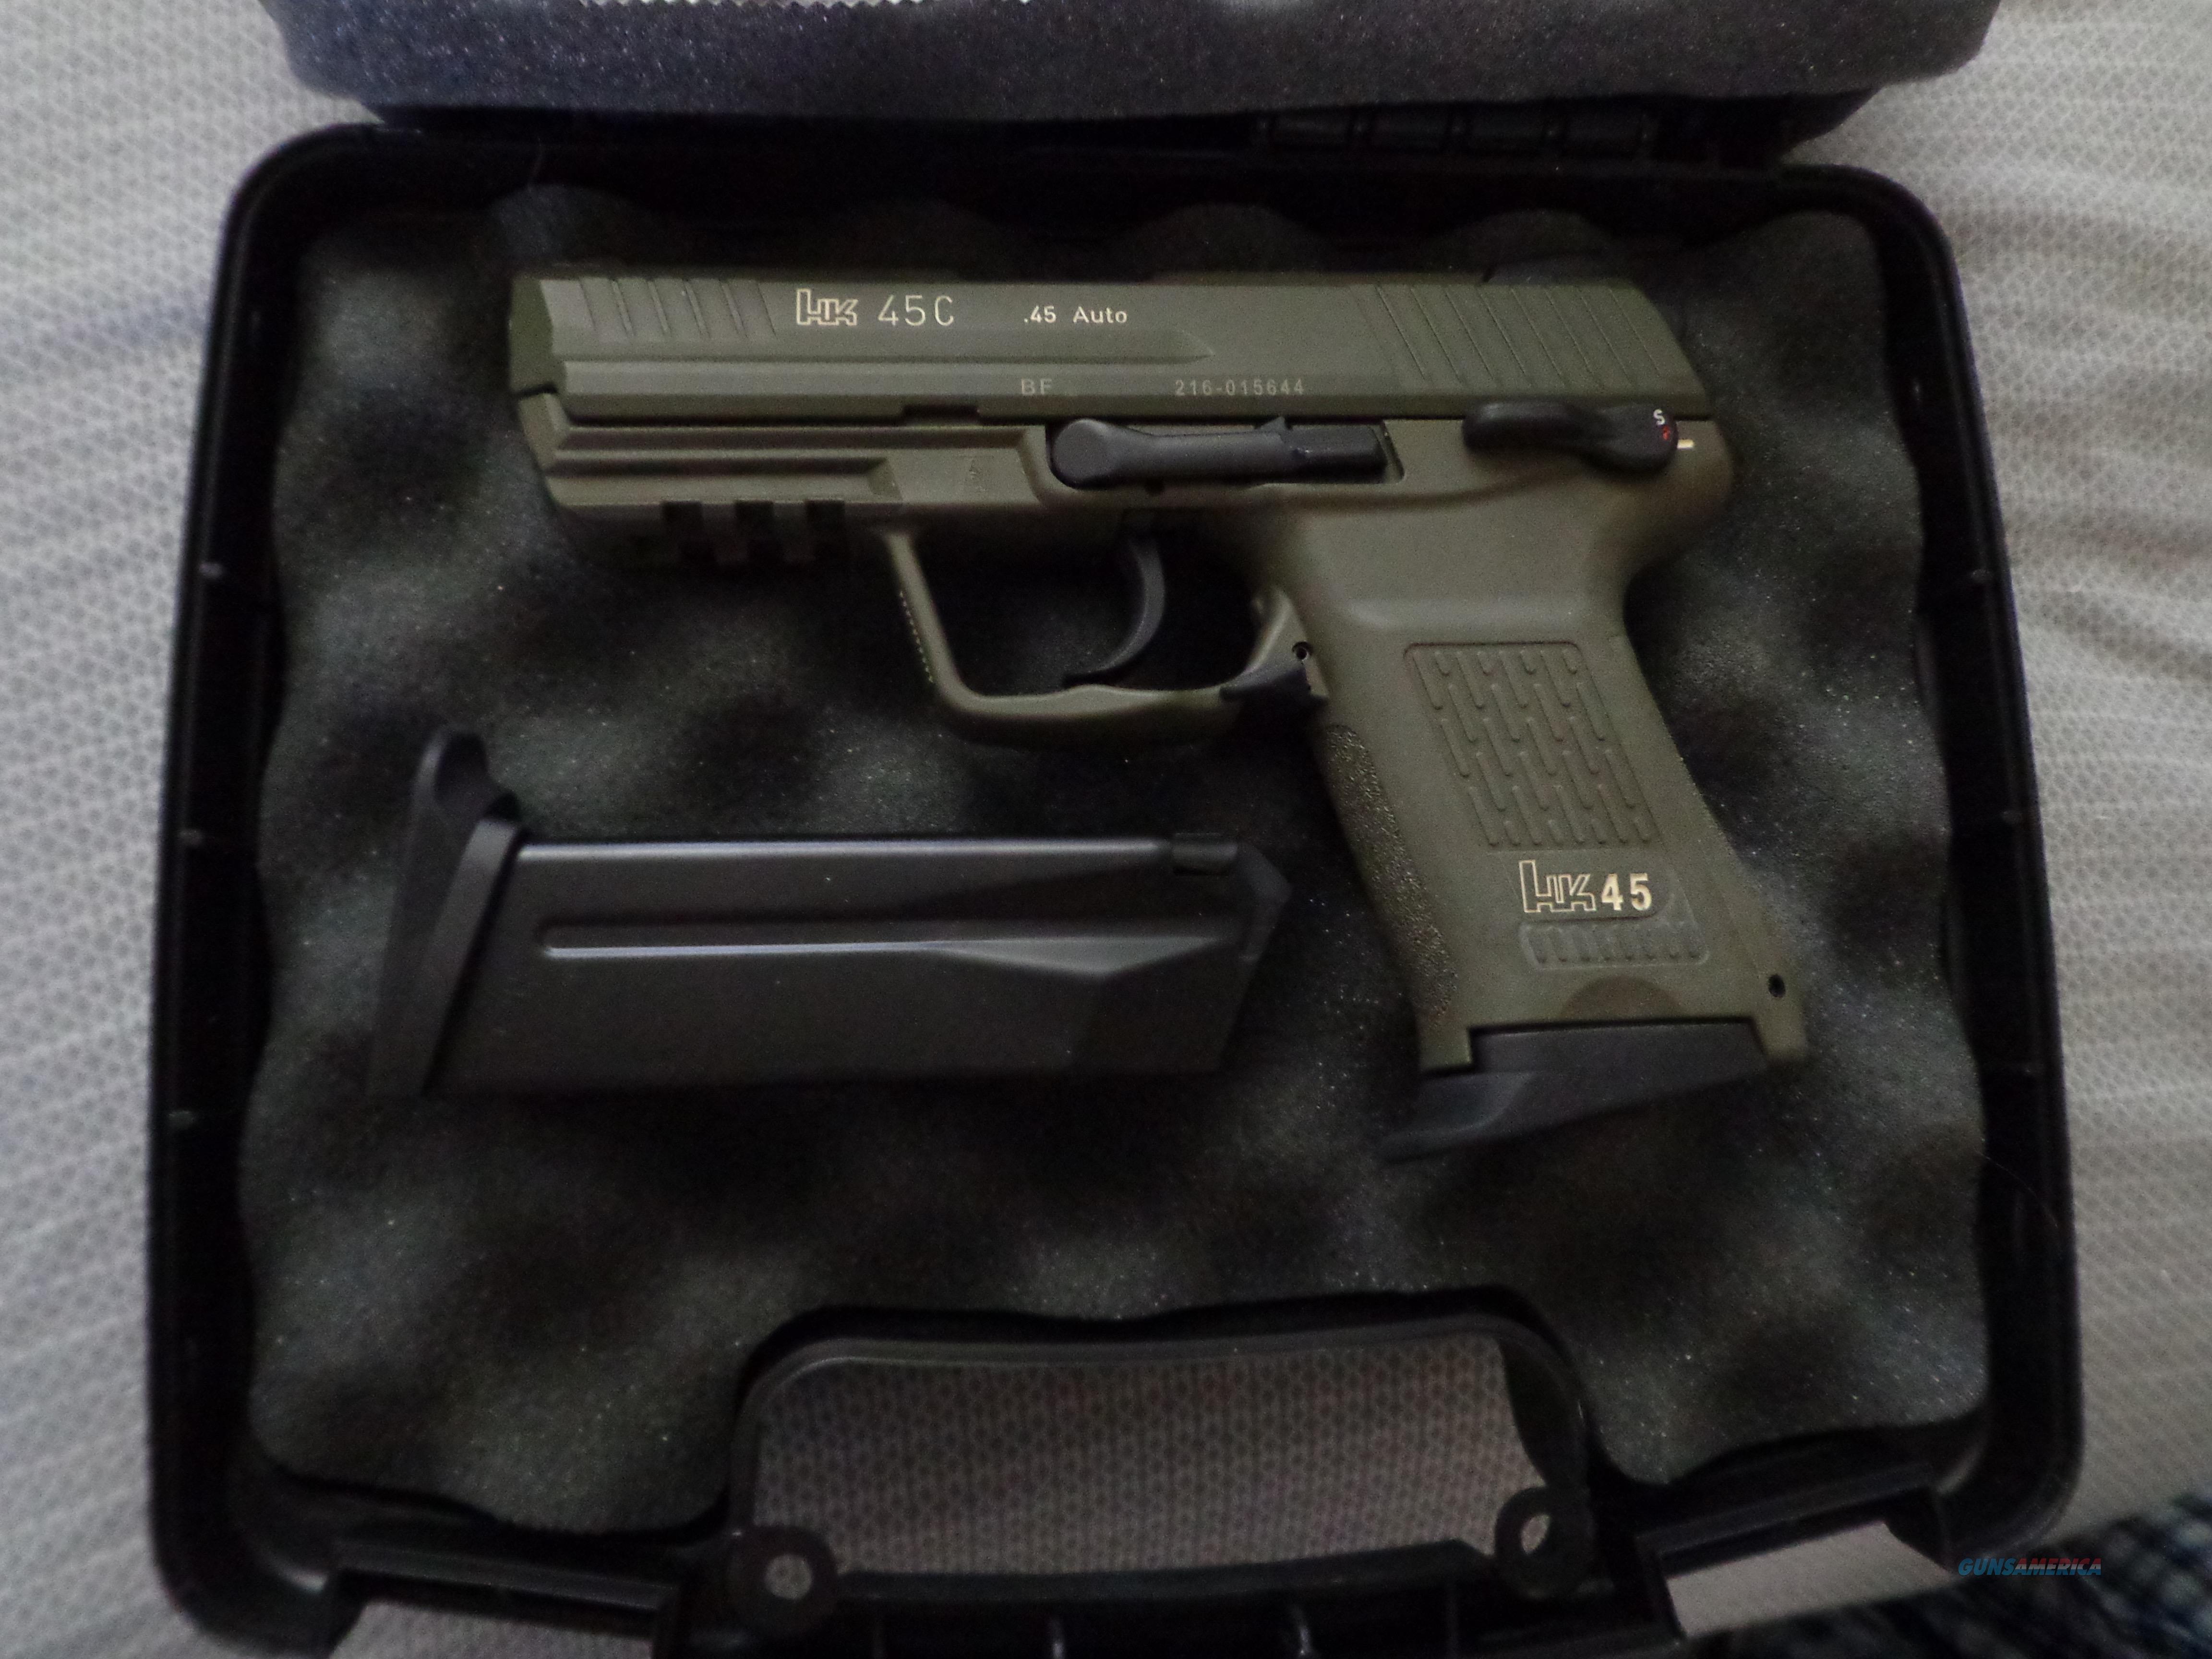 RARE Heckler & Koch H&K HK45 C Compact OD Green 45 NIB  Guns > Pistols > Heckler & Koch Pistols > Polymer Frame